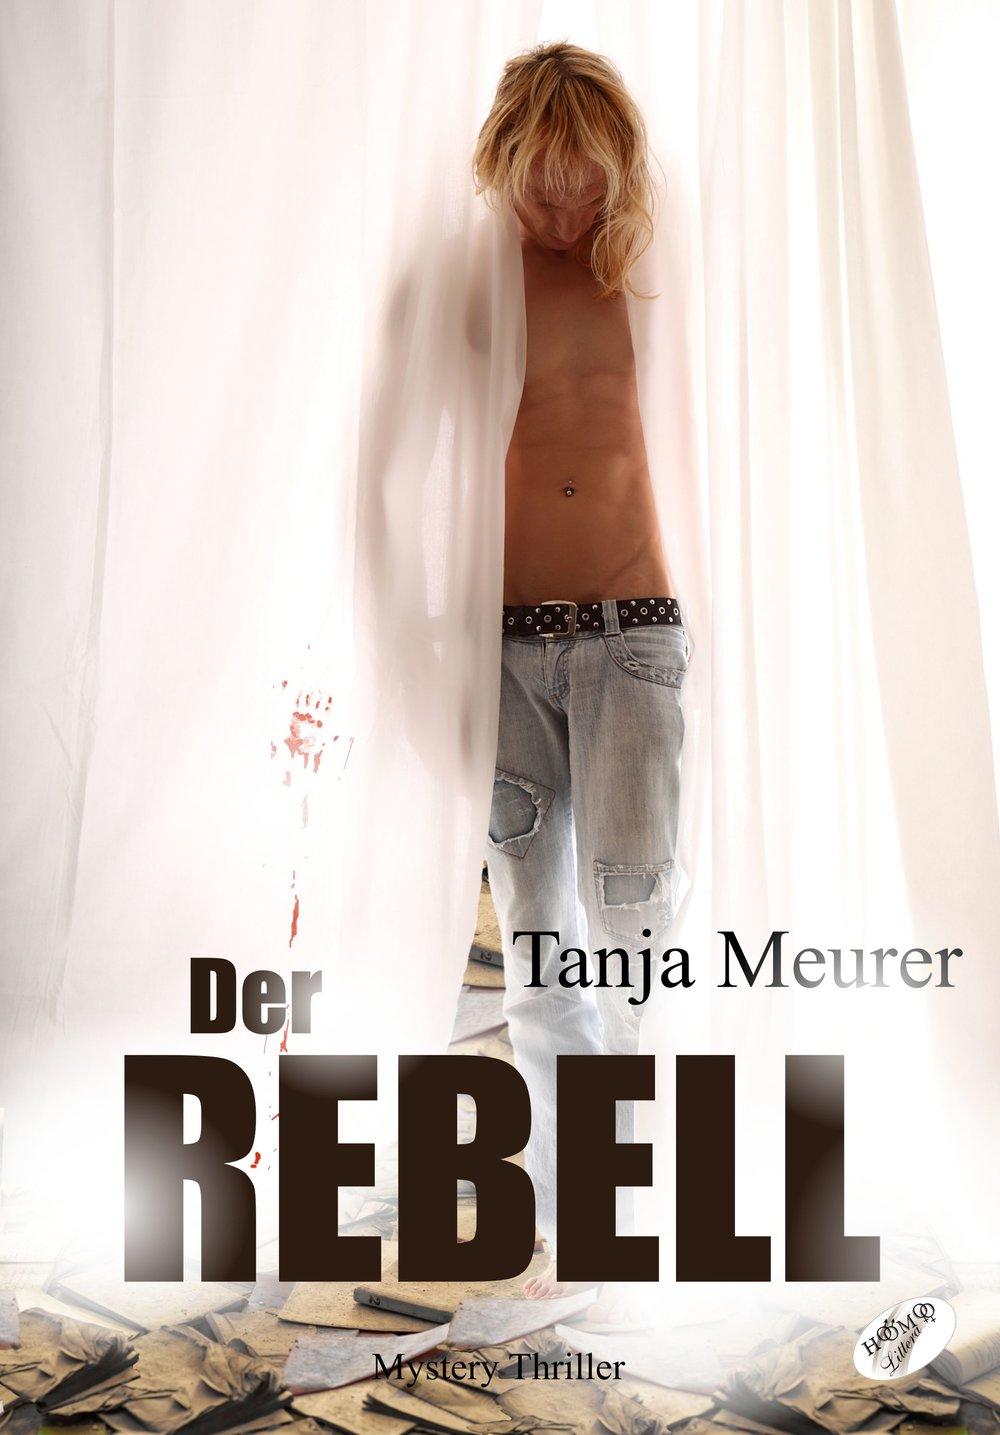 Meurer_Tanja_Der_Rebell_Phantastik-Autoren-Netzwerk.jpg